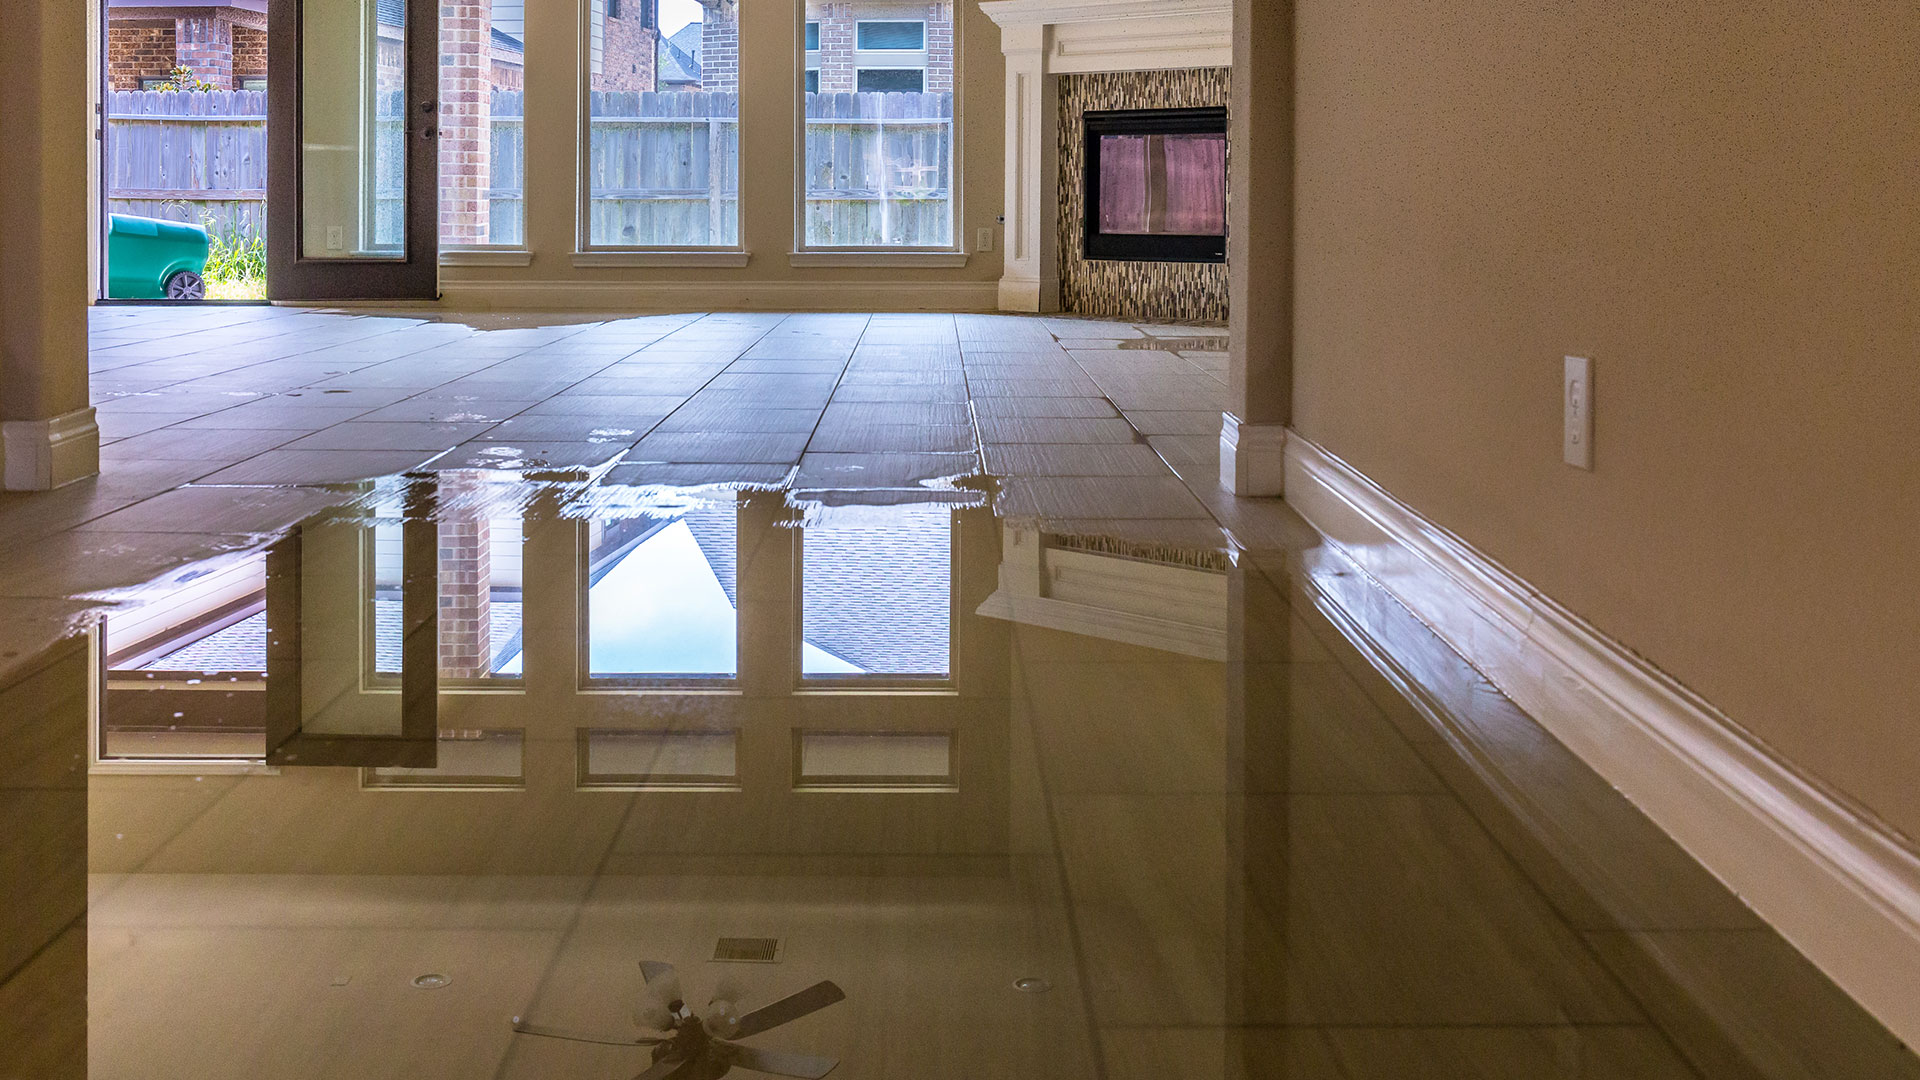 standing water over tile floor in home